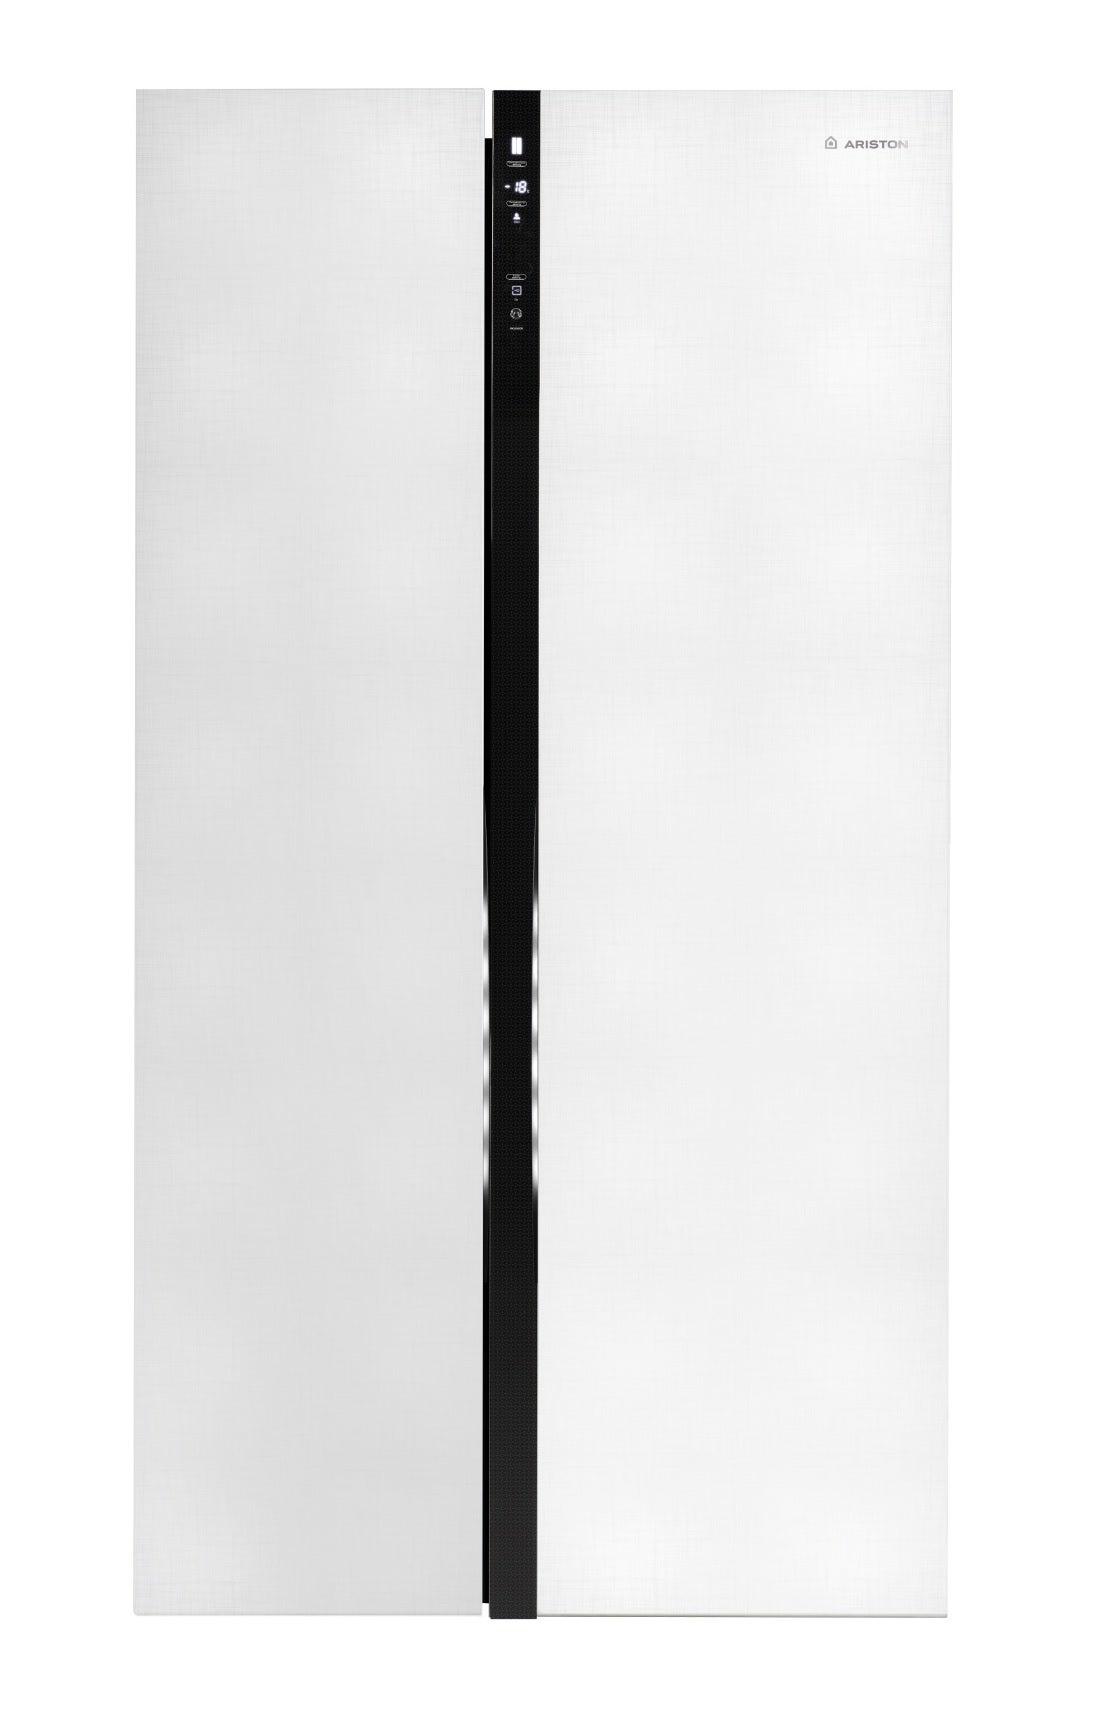 Ariston AS5NI573HGS Refrigerator